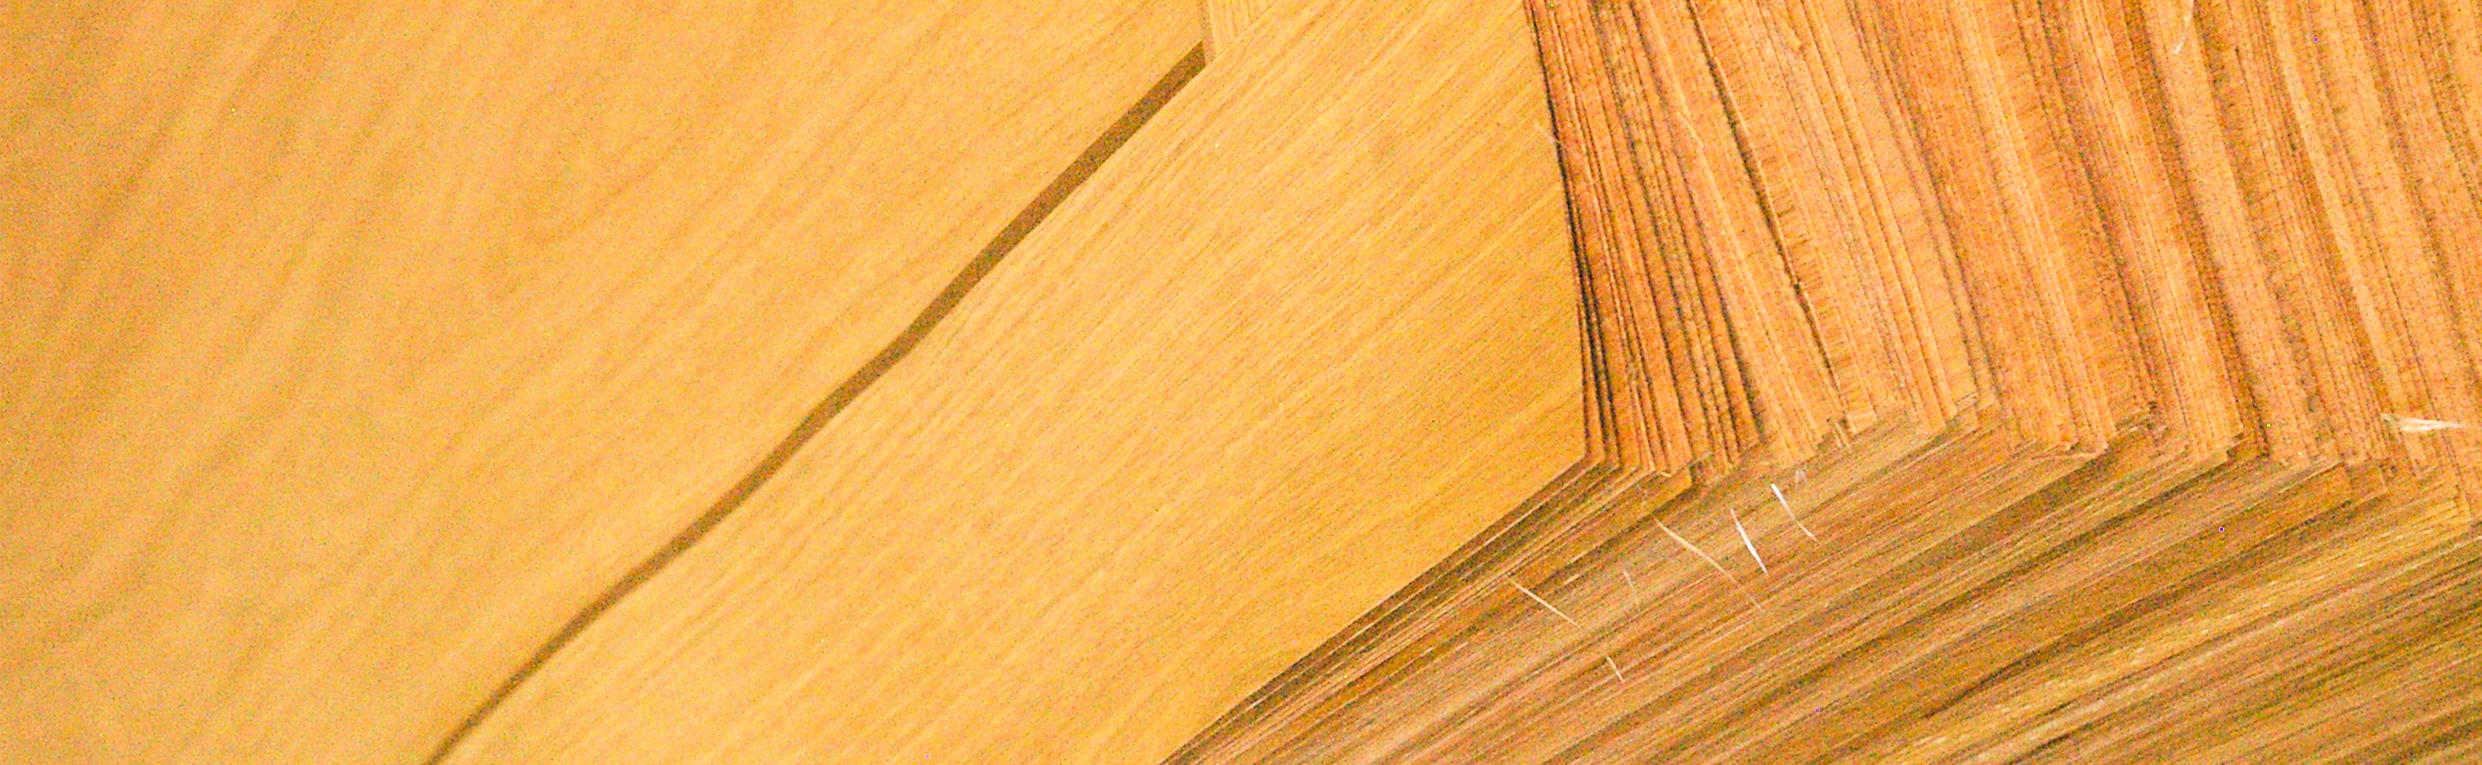 Looking for veneer bundles, layons or board?